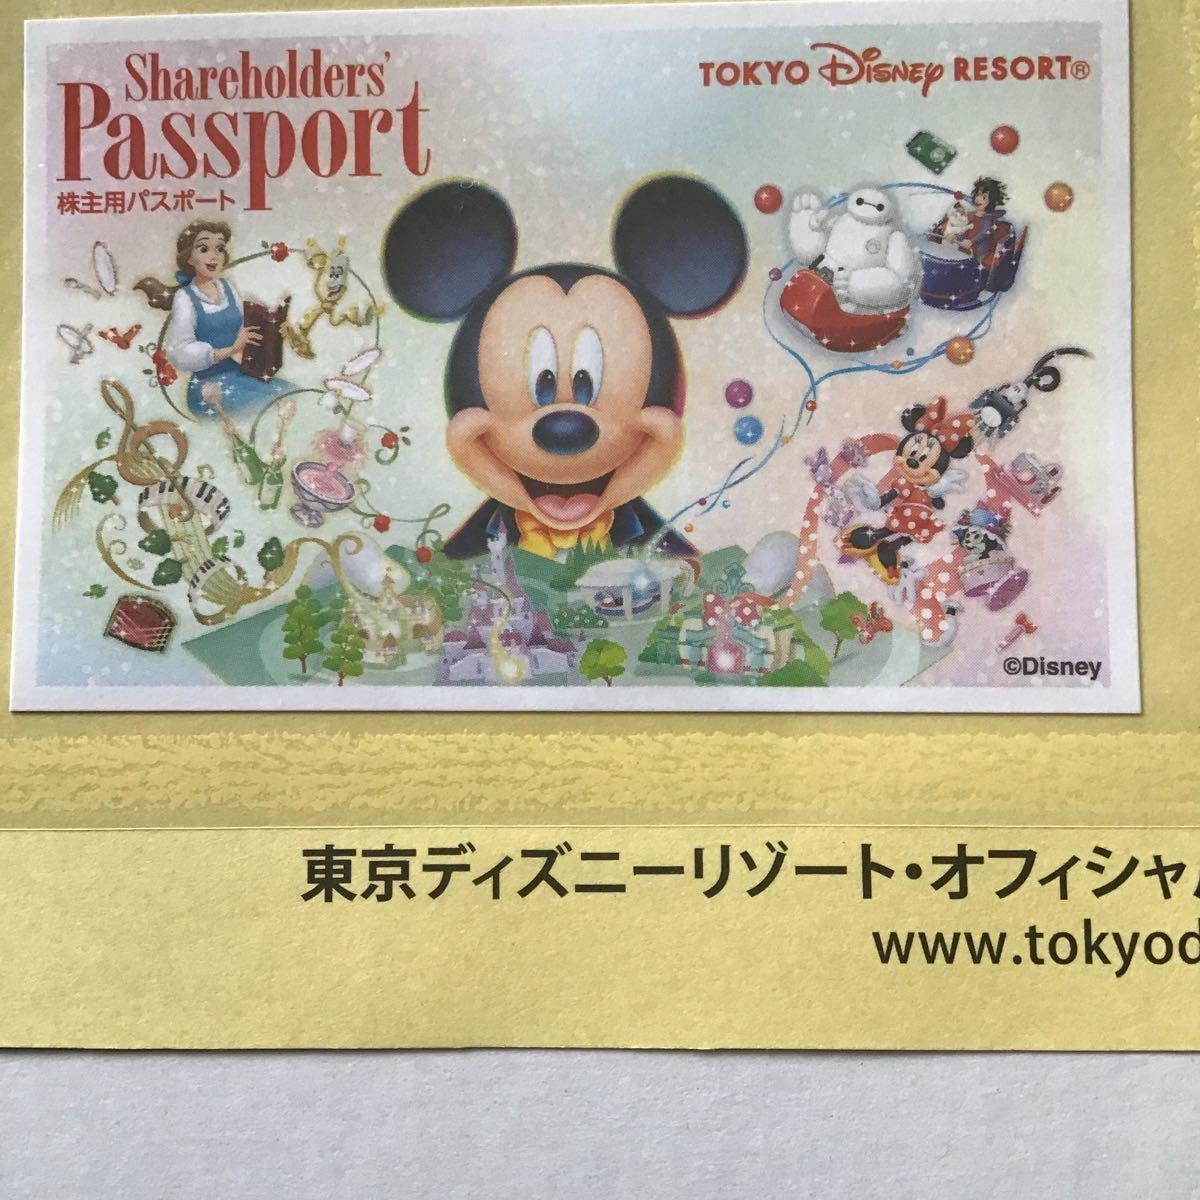 東京ディズニーリゾート 株主優待パスポート オリエンタルランド 株主優待券 チケット パスポート 2022年1月31日 延長有効期限_画像1